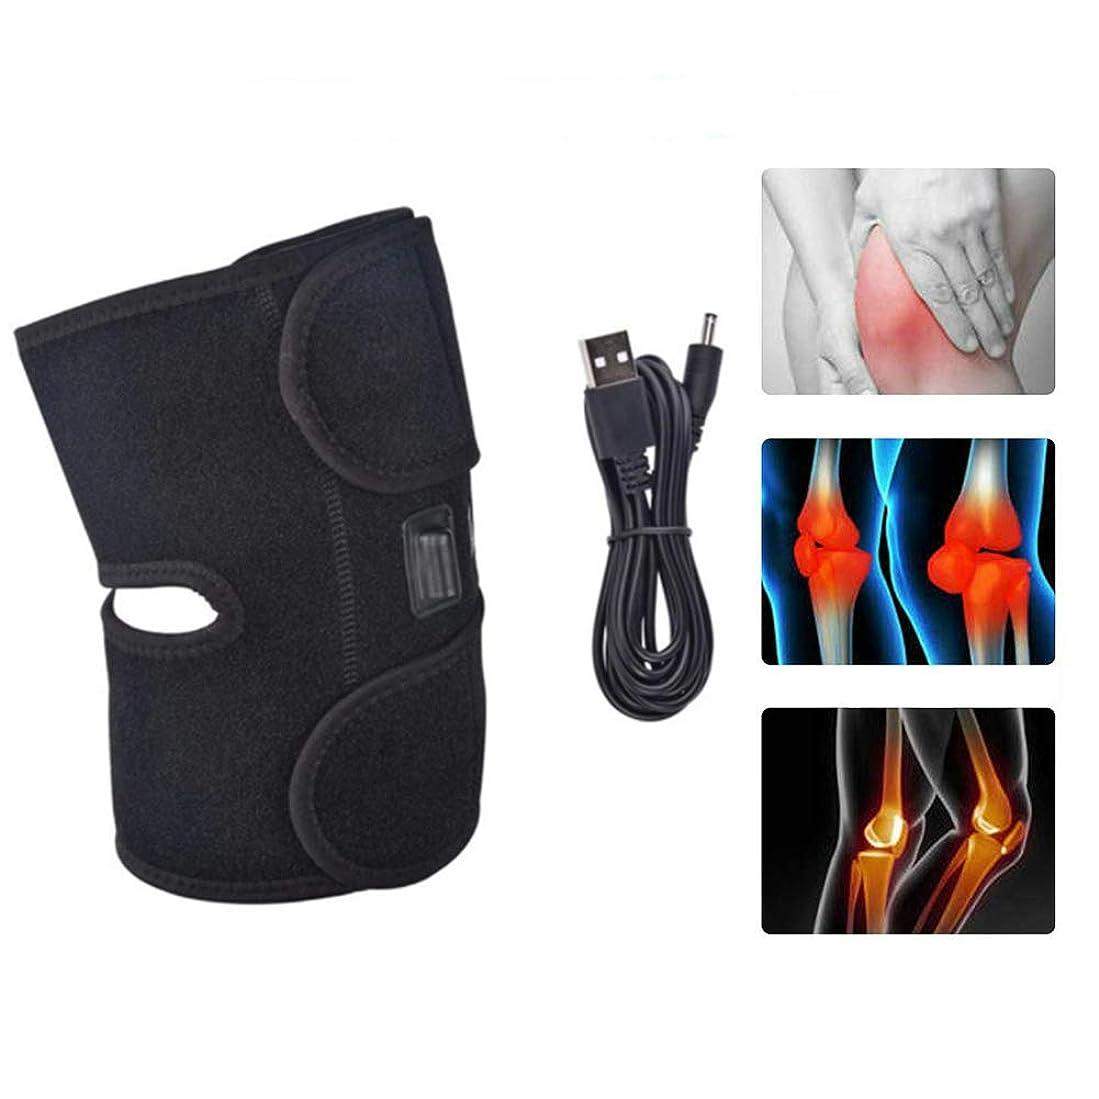 膨張する単調なヘクタール電気加熱膝ブレースサポート - 膝温ラップラップパッド - 療法ホット圧縮3ファイル温度で膝の傷害,2pcs